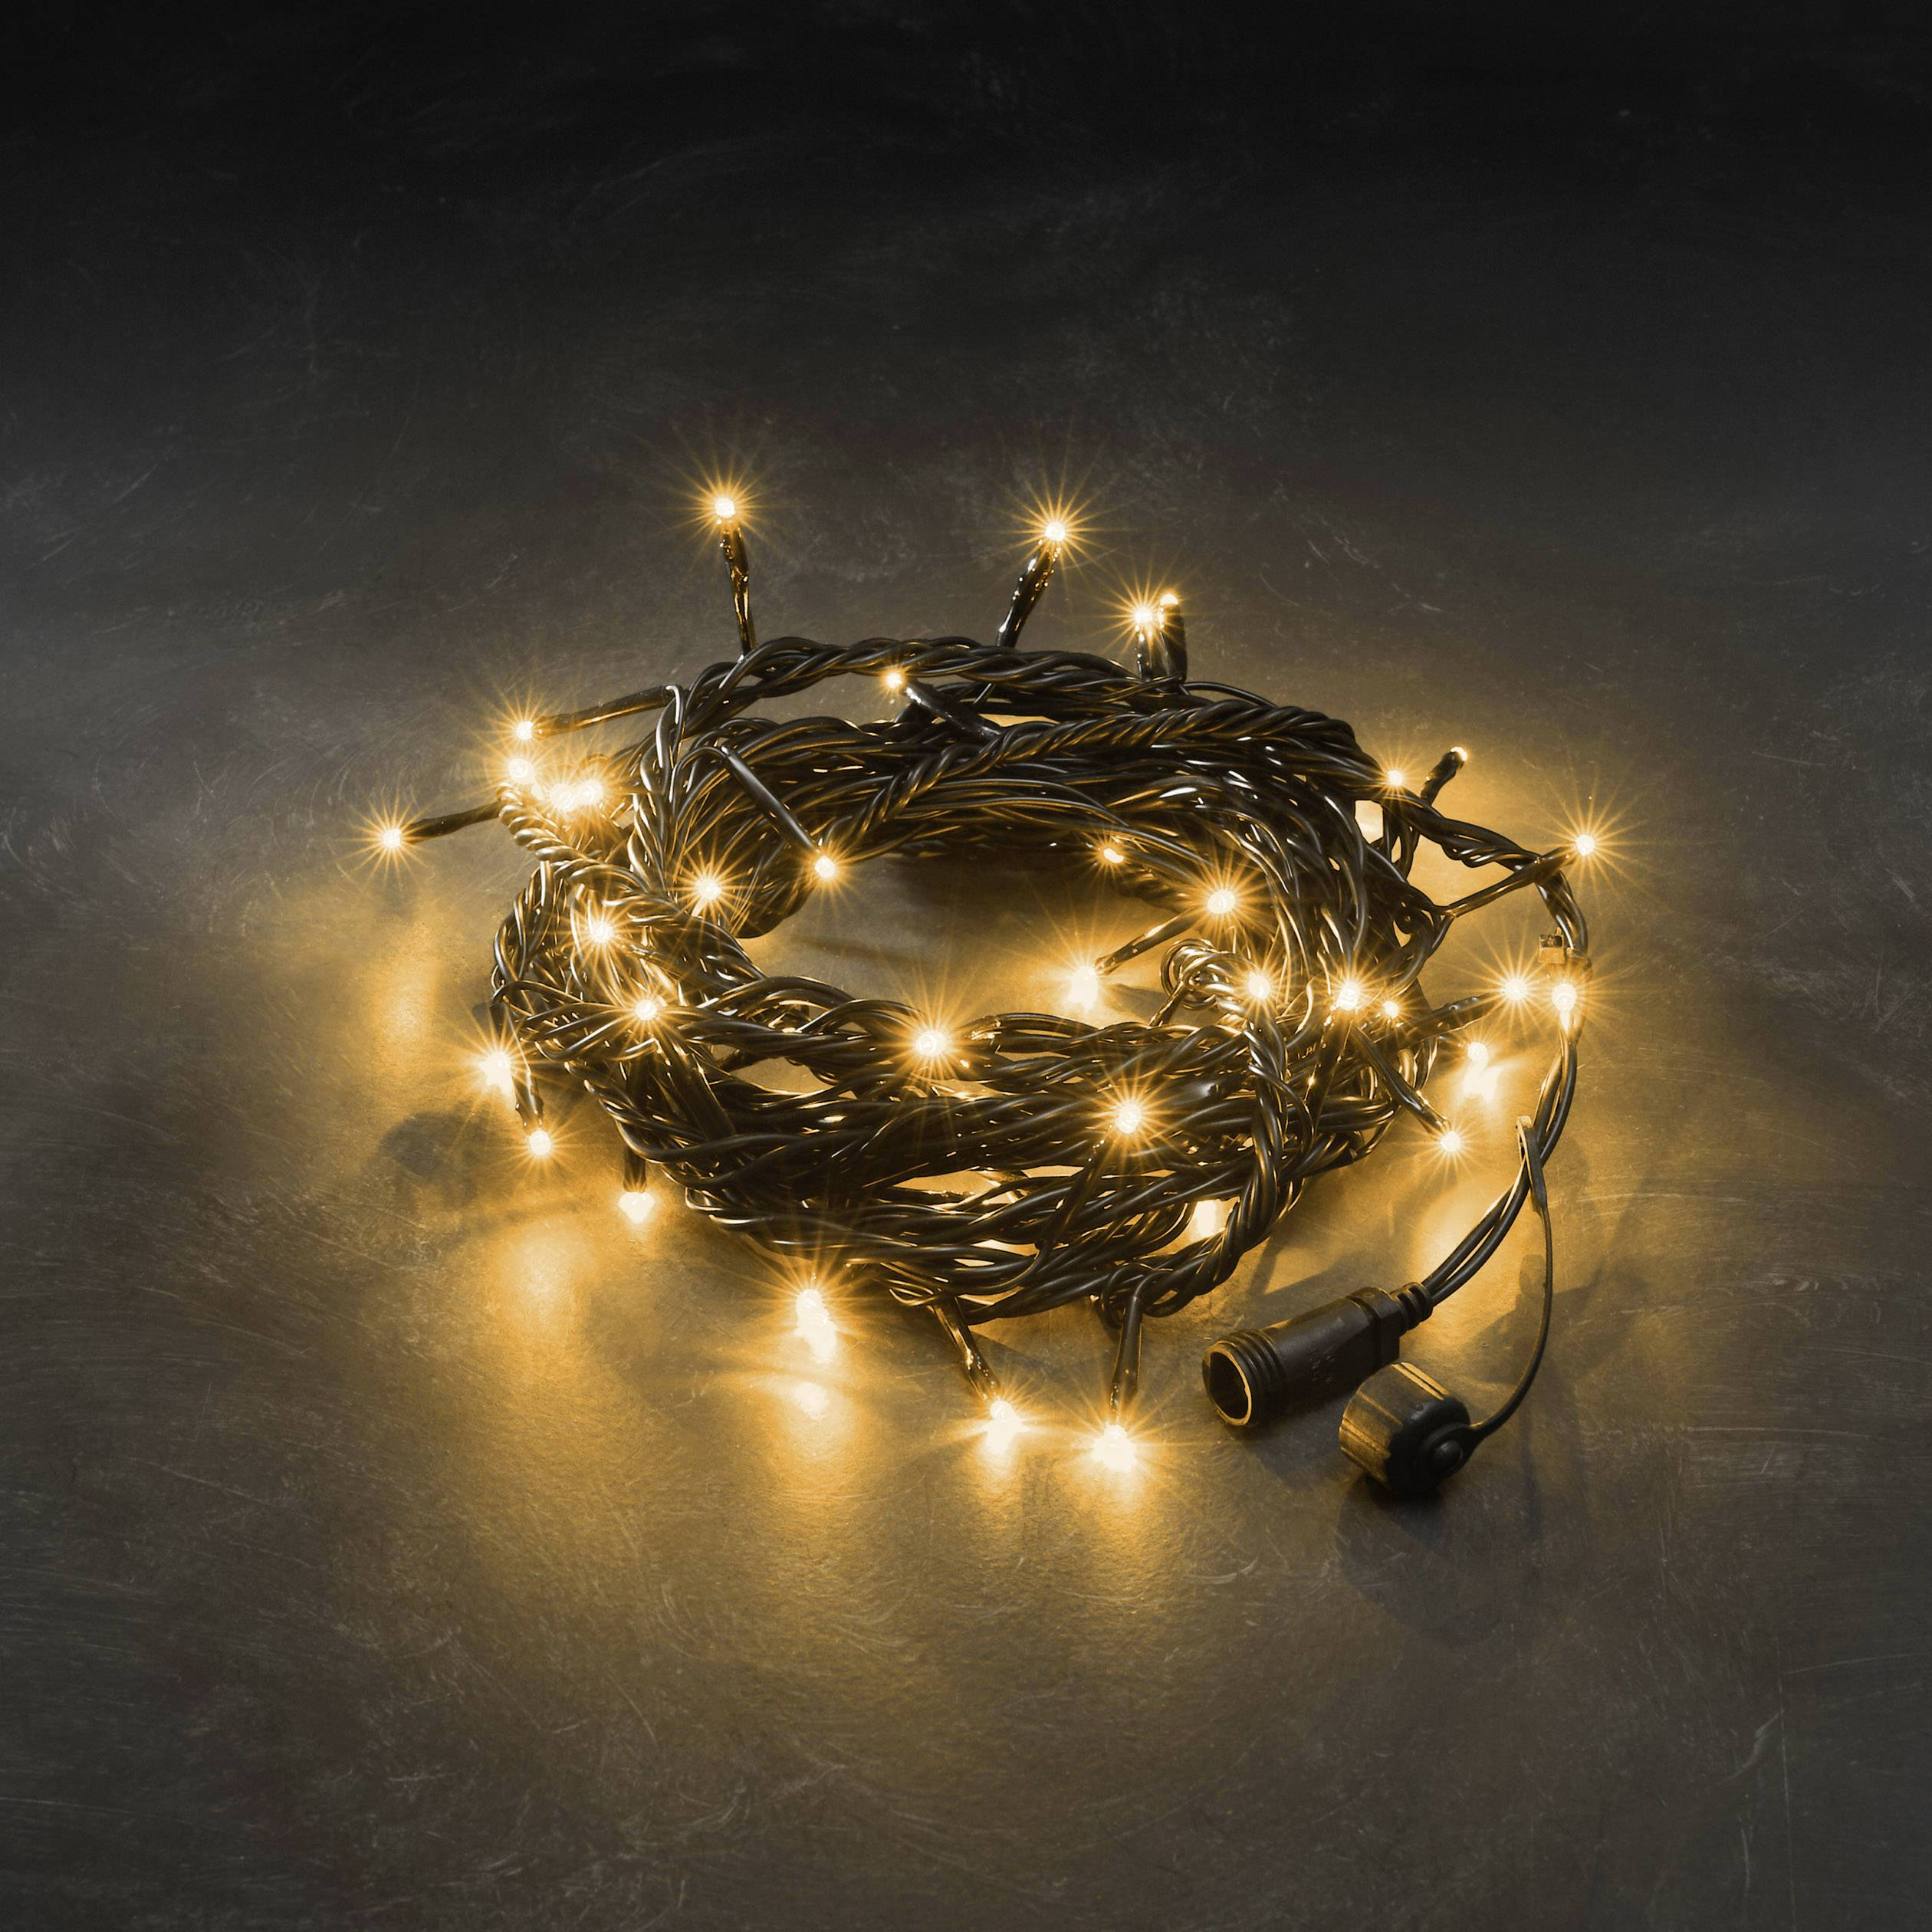 LED rozšíření systému světelných řetězů 31 V světelný řetez jantarová Konstsmide